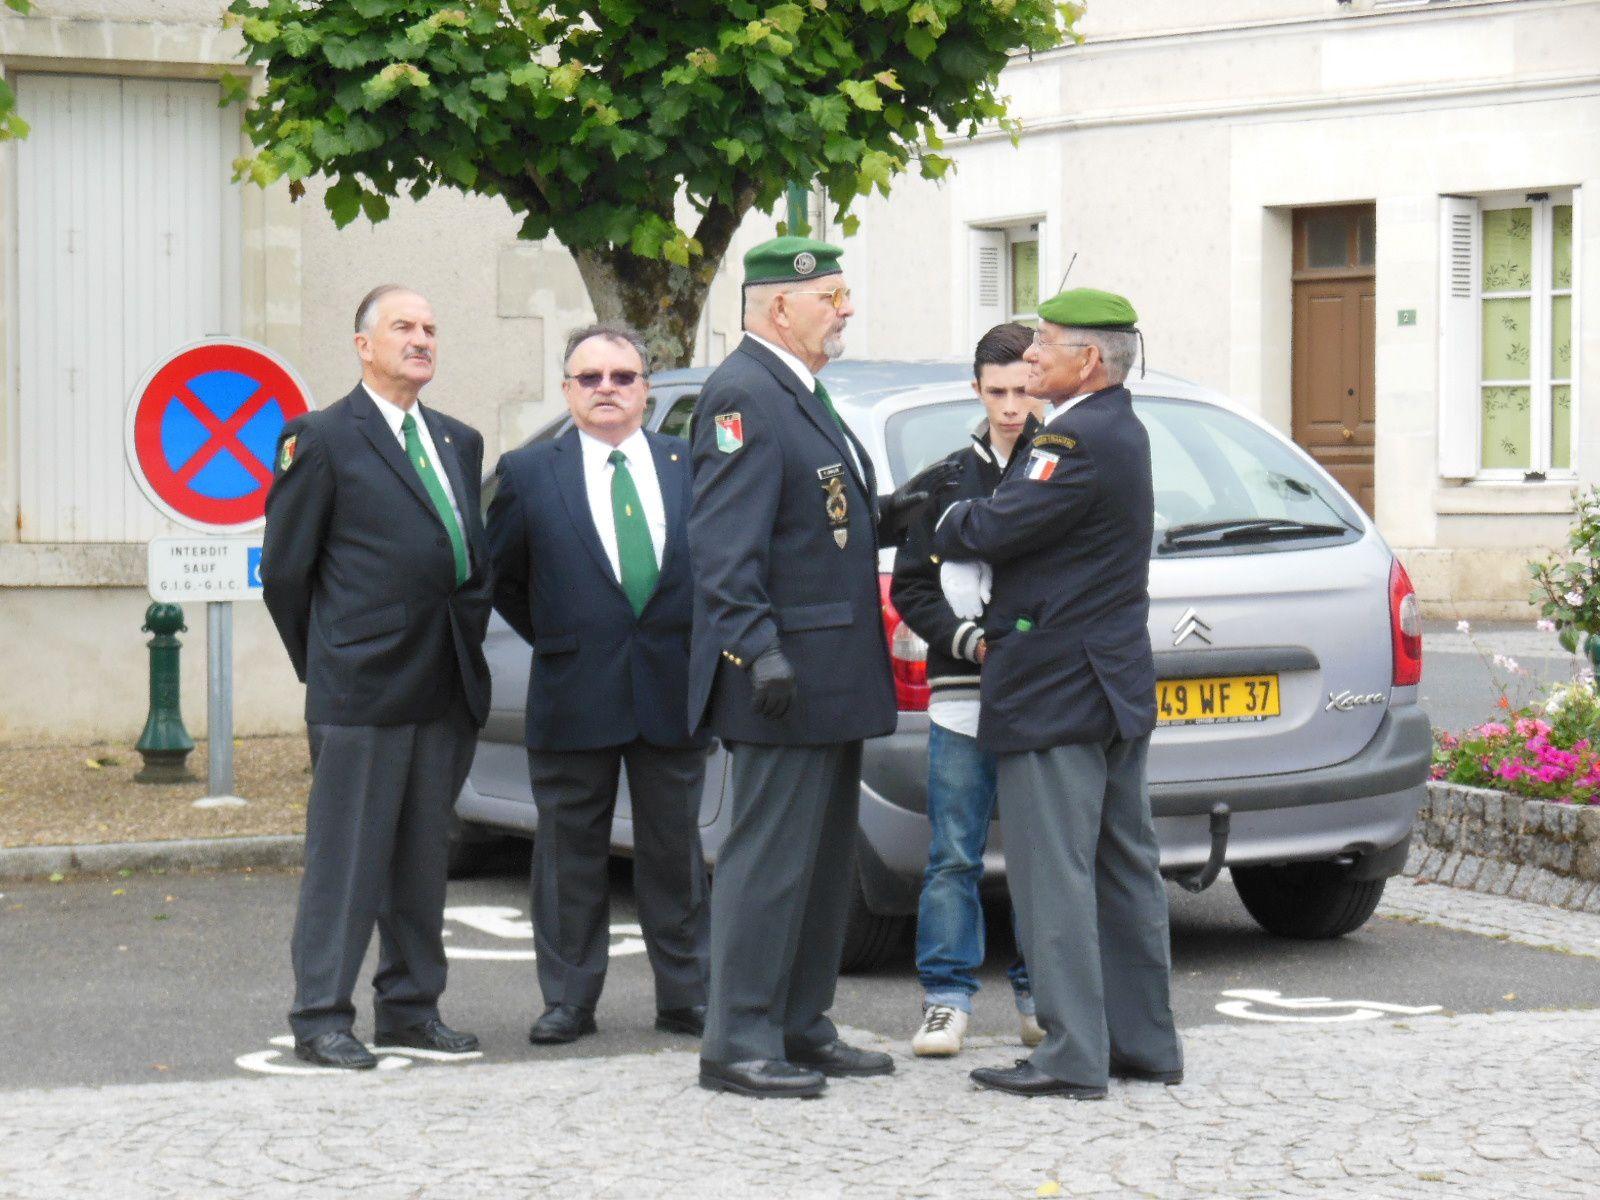 Cérémonie du 22 juin 2013 à Pocé sur Cisse à la mémoire du Capitaine Albert Bouguereau